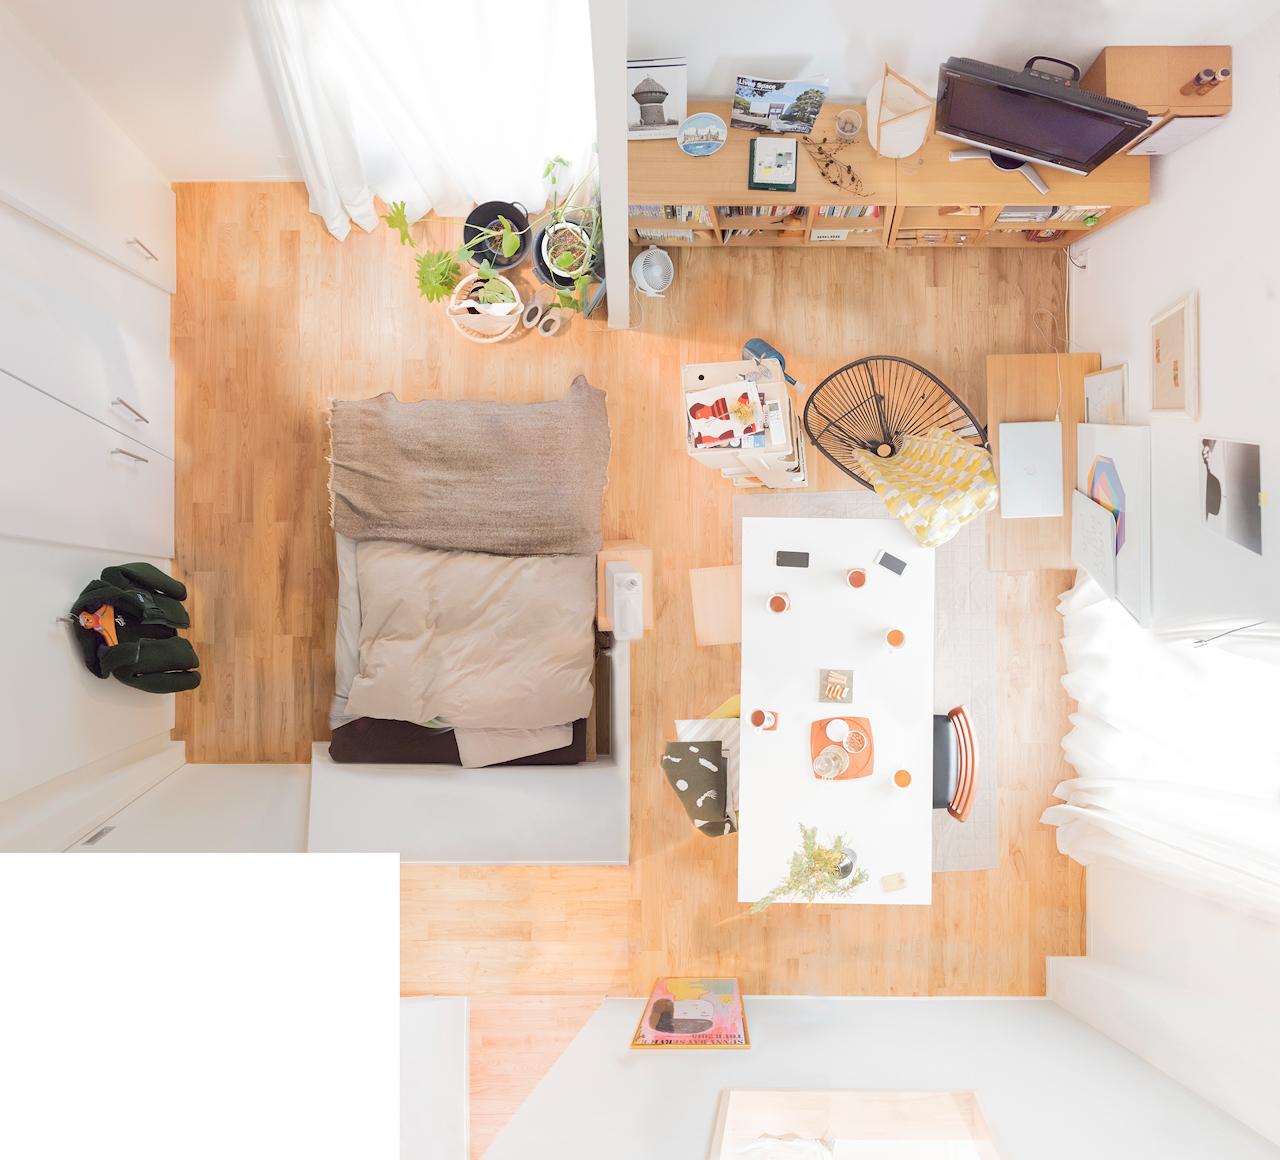 大きめの収納にしっかり整理整頓、ベッドルームにはグリーン以外何も置かない、がルールの二人暮らしのお部屋(このお部屋はこちら)